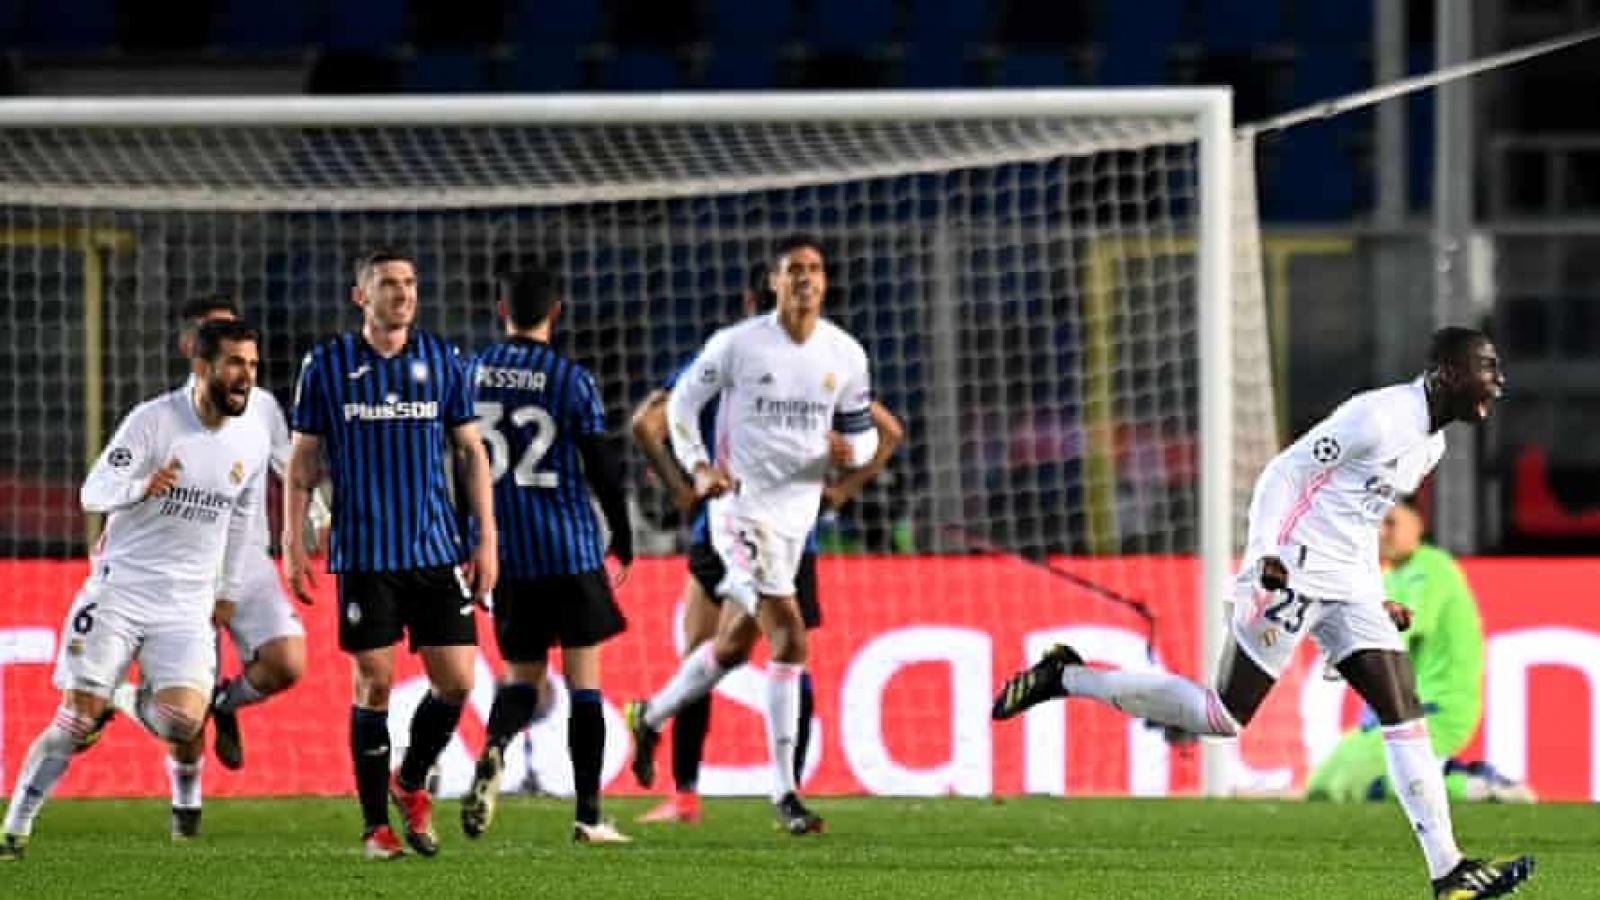 Người hùng giúp Real Madrid thắng Atalanta từng suýt phải cưa chân